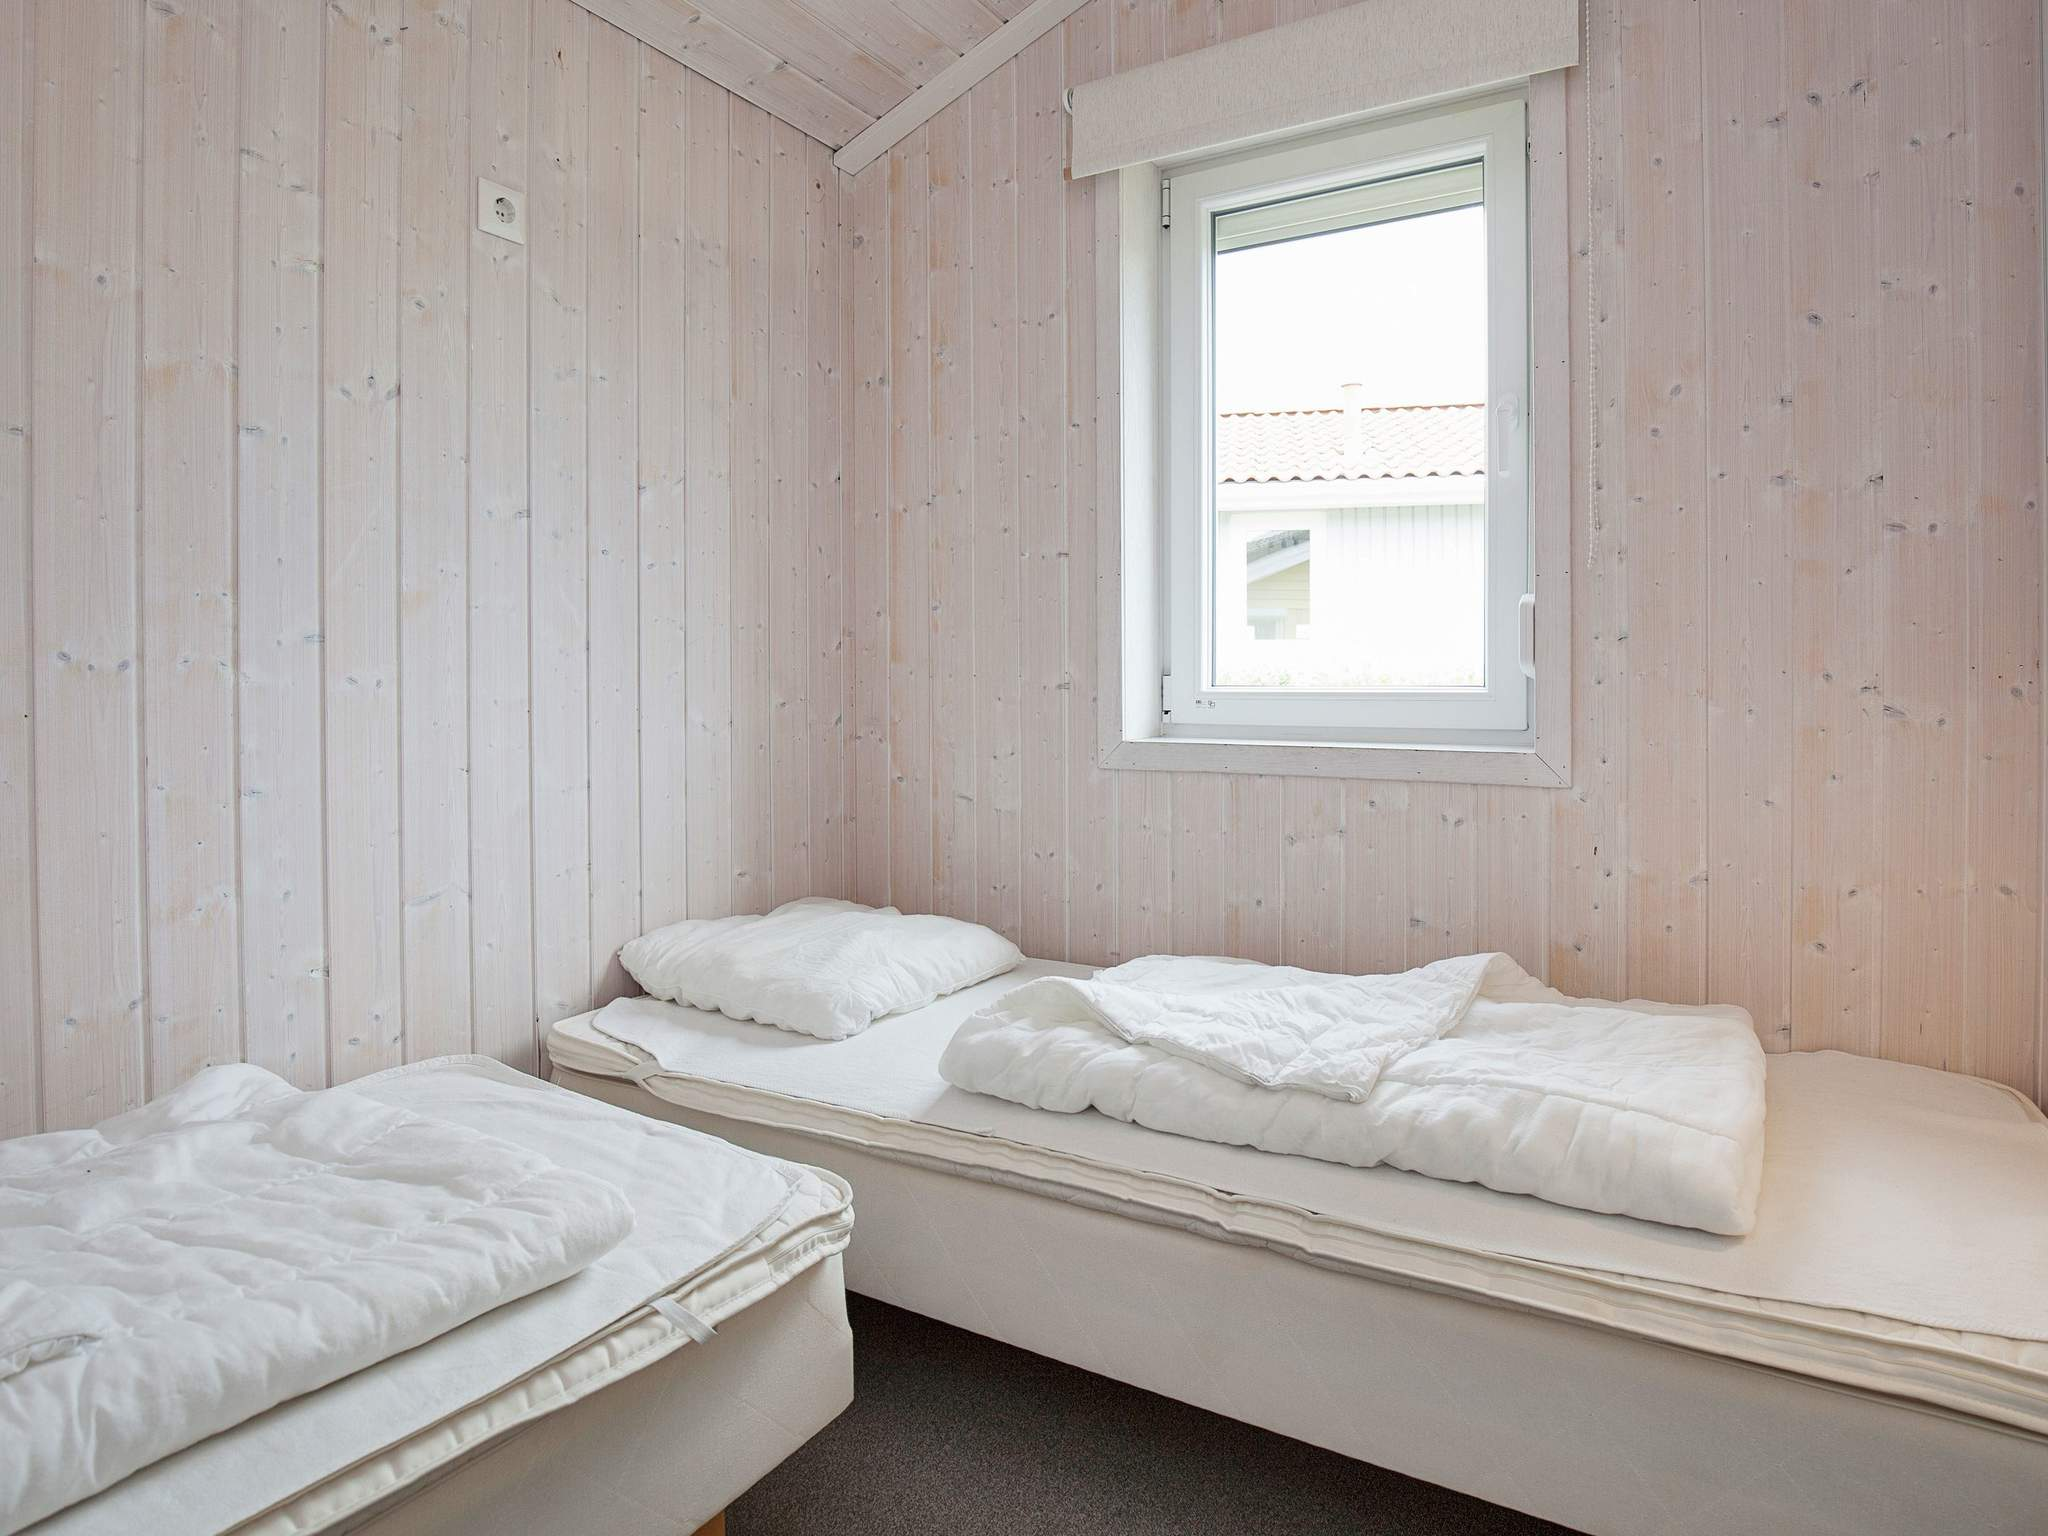 Maison de vacances Grömitz (359058), Grömitz, Baie de Lübeck, Schleswig-Holstein, Allemagne, image 13